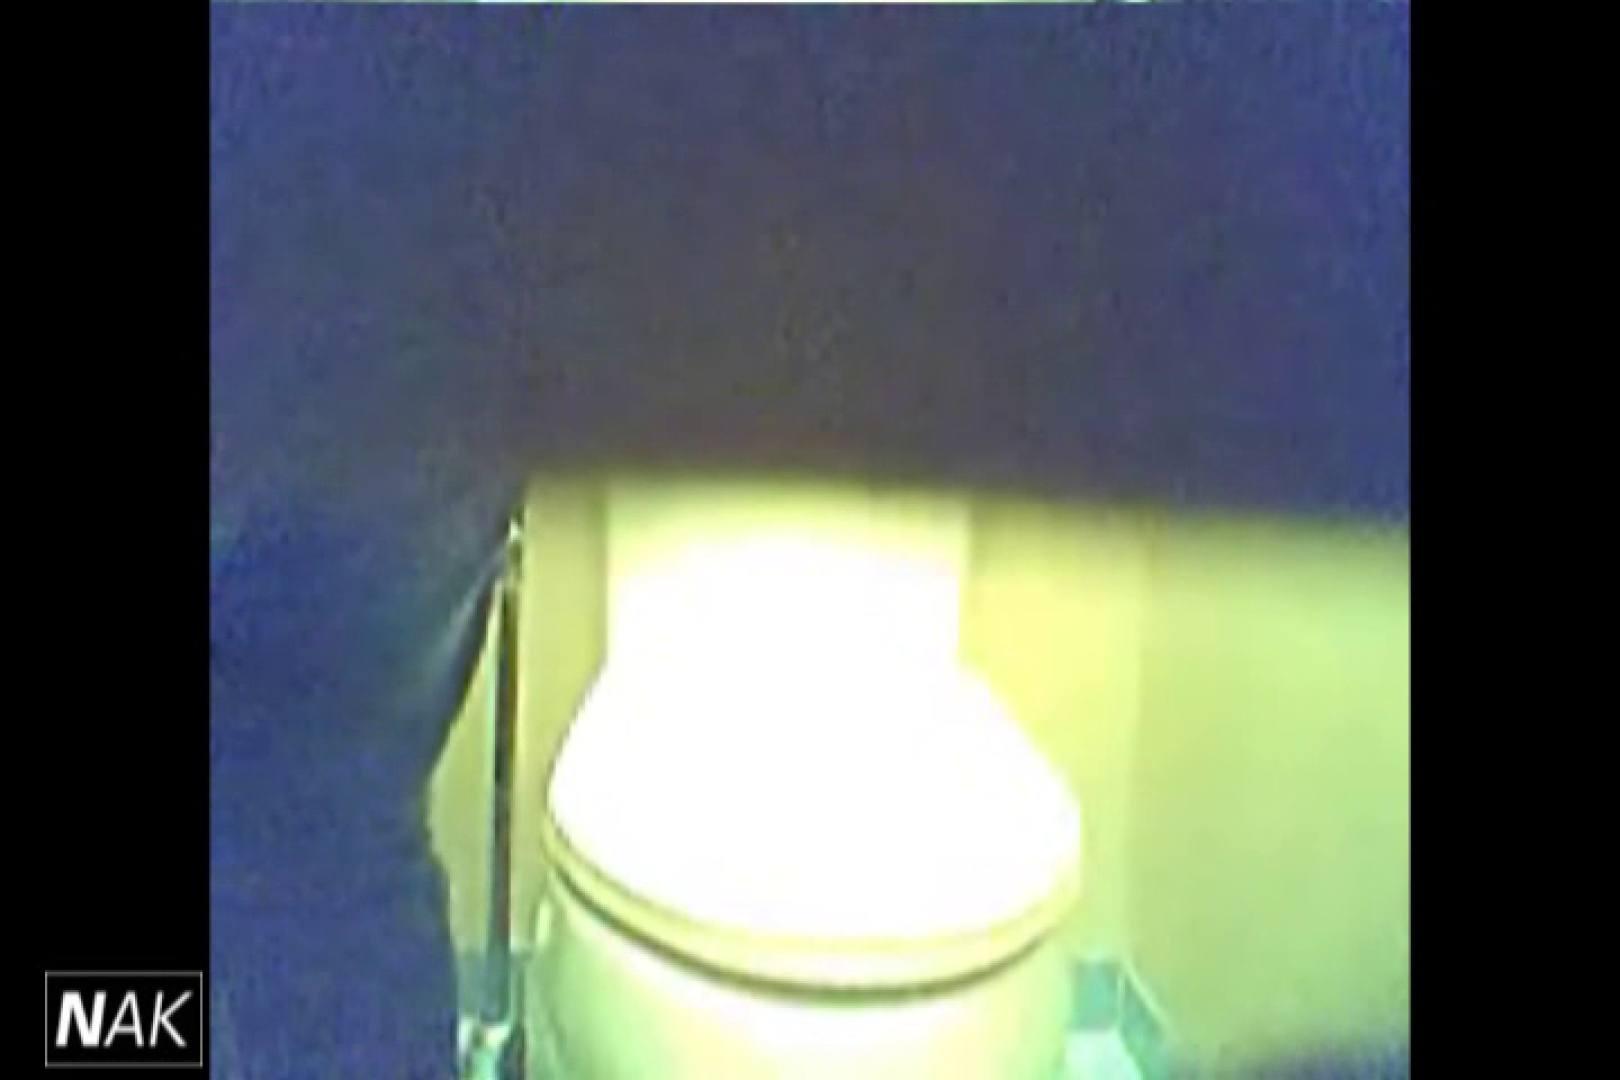 せん八さんの厠観察日記!2点監視カメラ 高画質5000K vol.07 OLセックス のぞきおめこ無修正画像 104画像 17